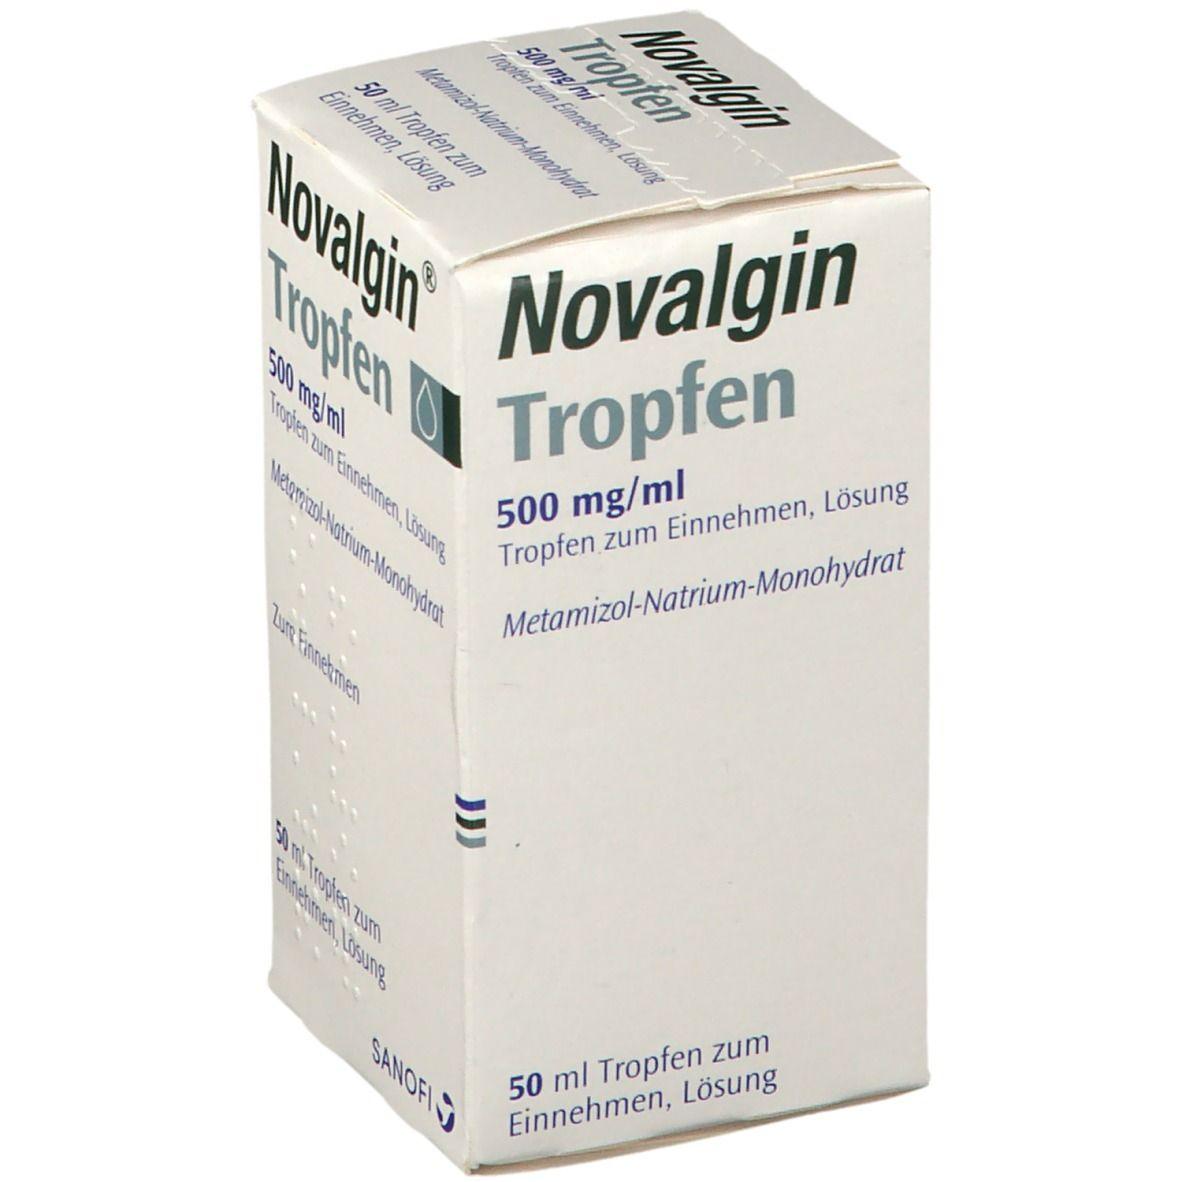 Novalgin® Tropfen 500 mg/ml 50 ml - shop-apotheke.com